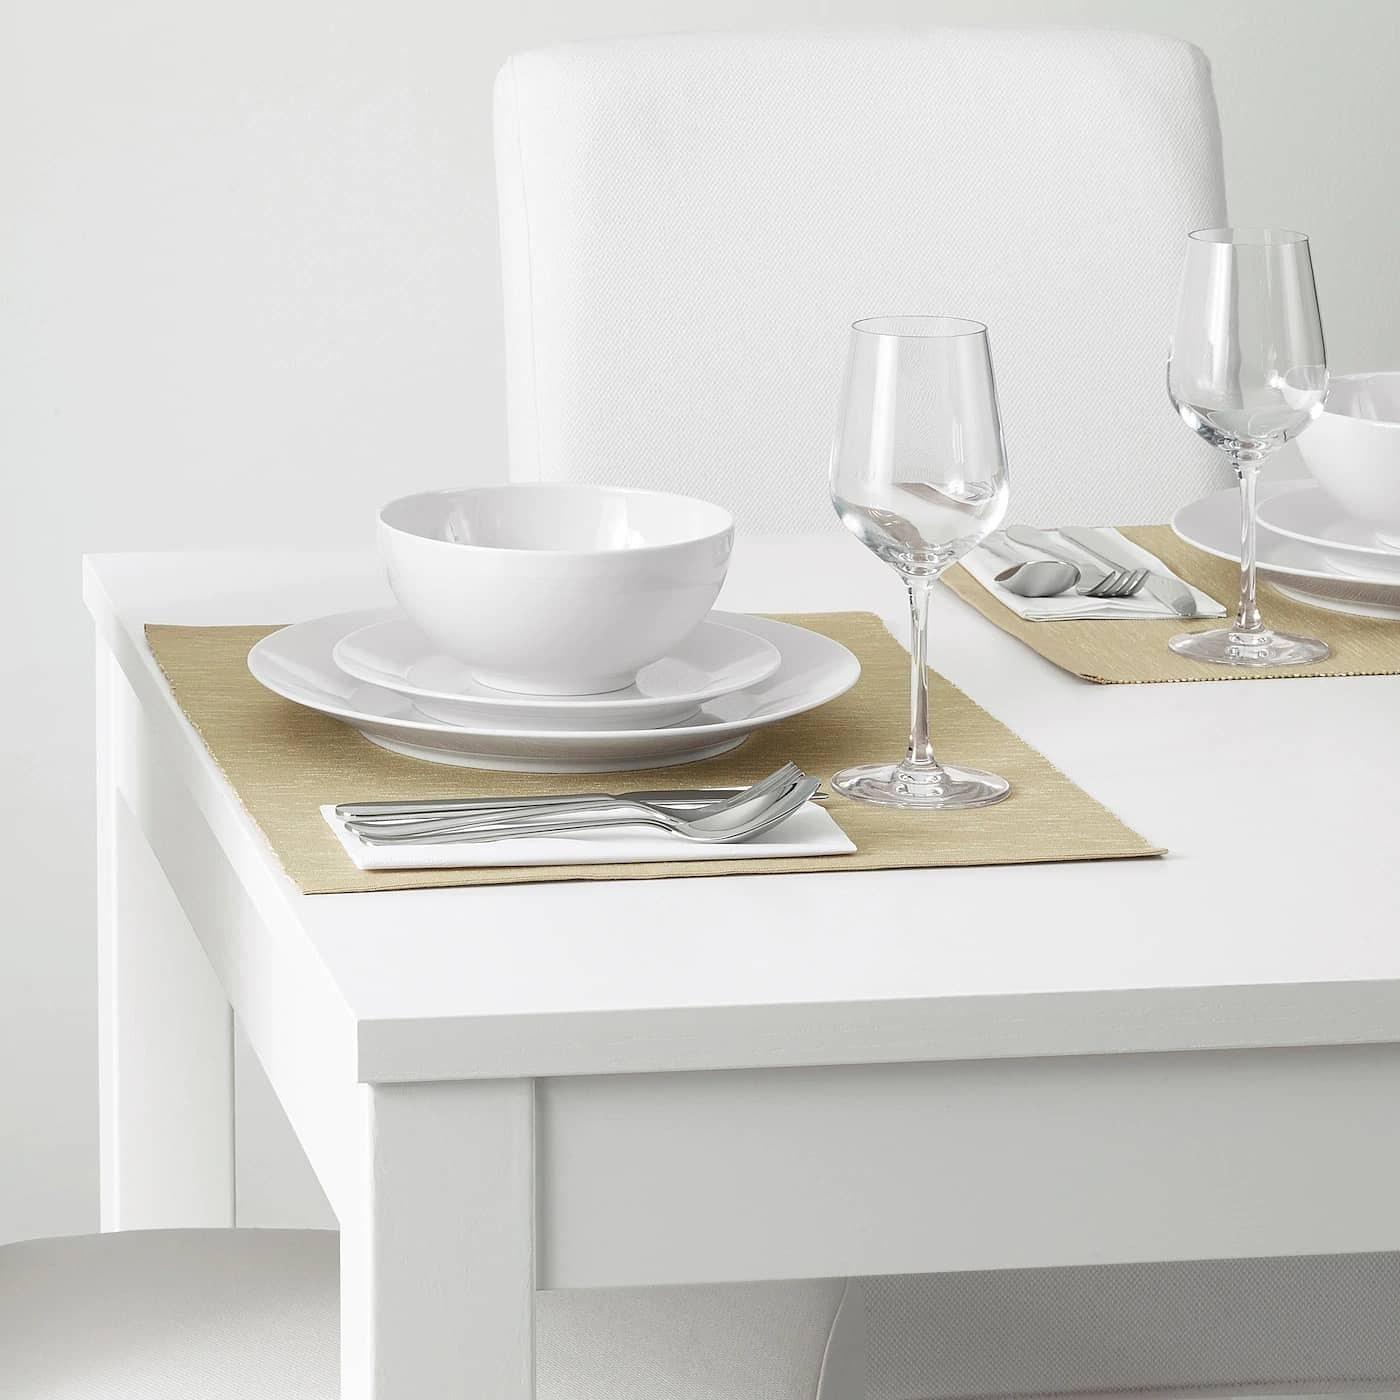 تصویر زیربشقابی پارچه ای بژ ایکیا مدل MARIT IKEA MARIT Place mat beige